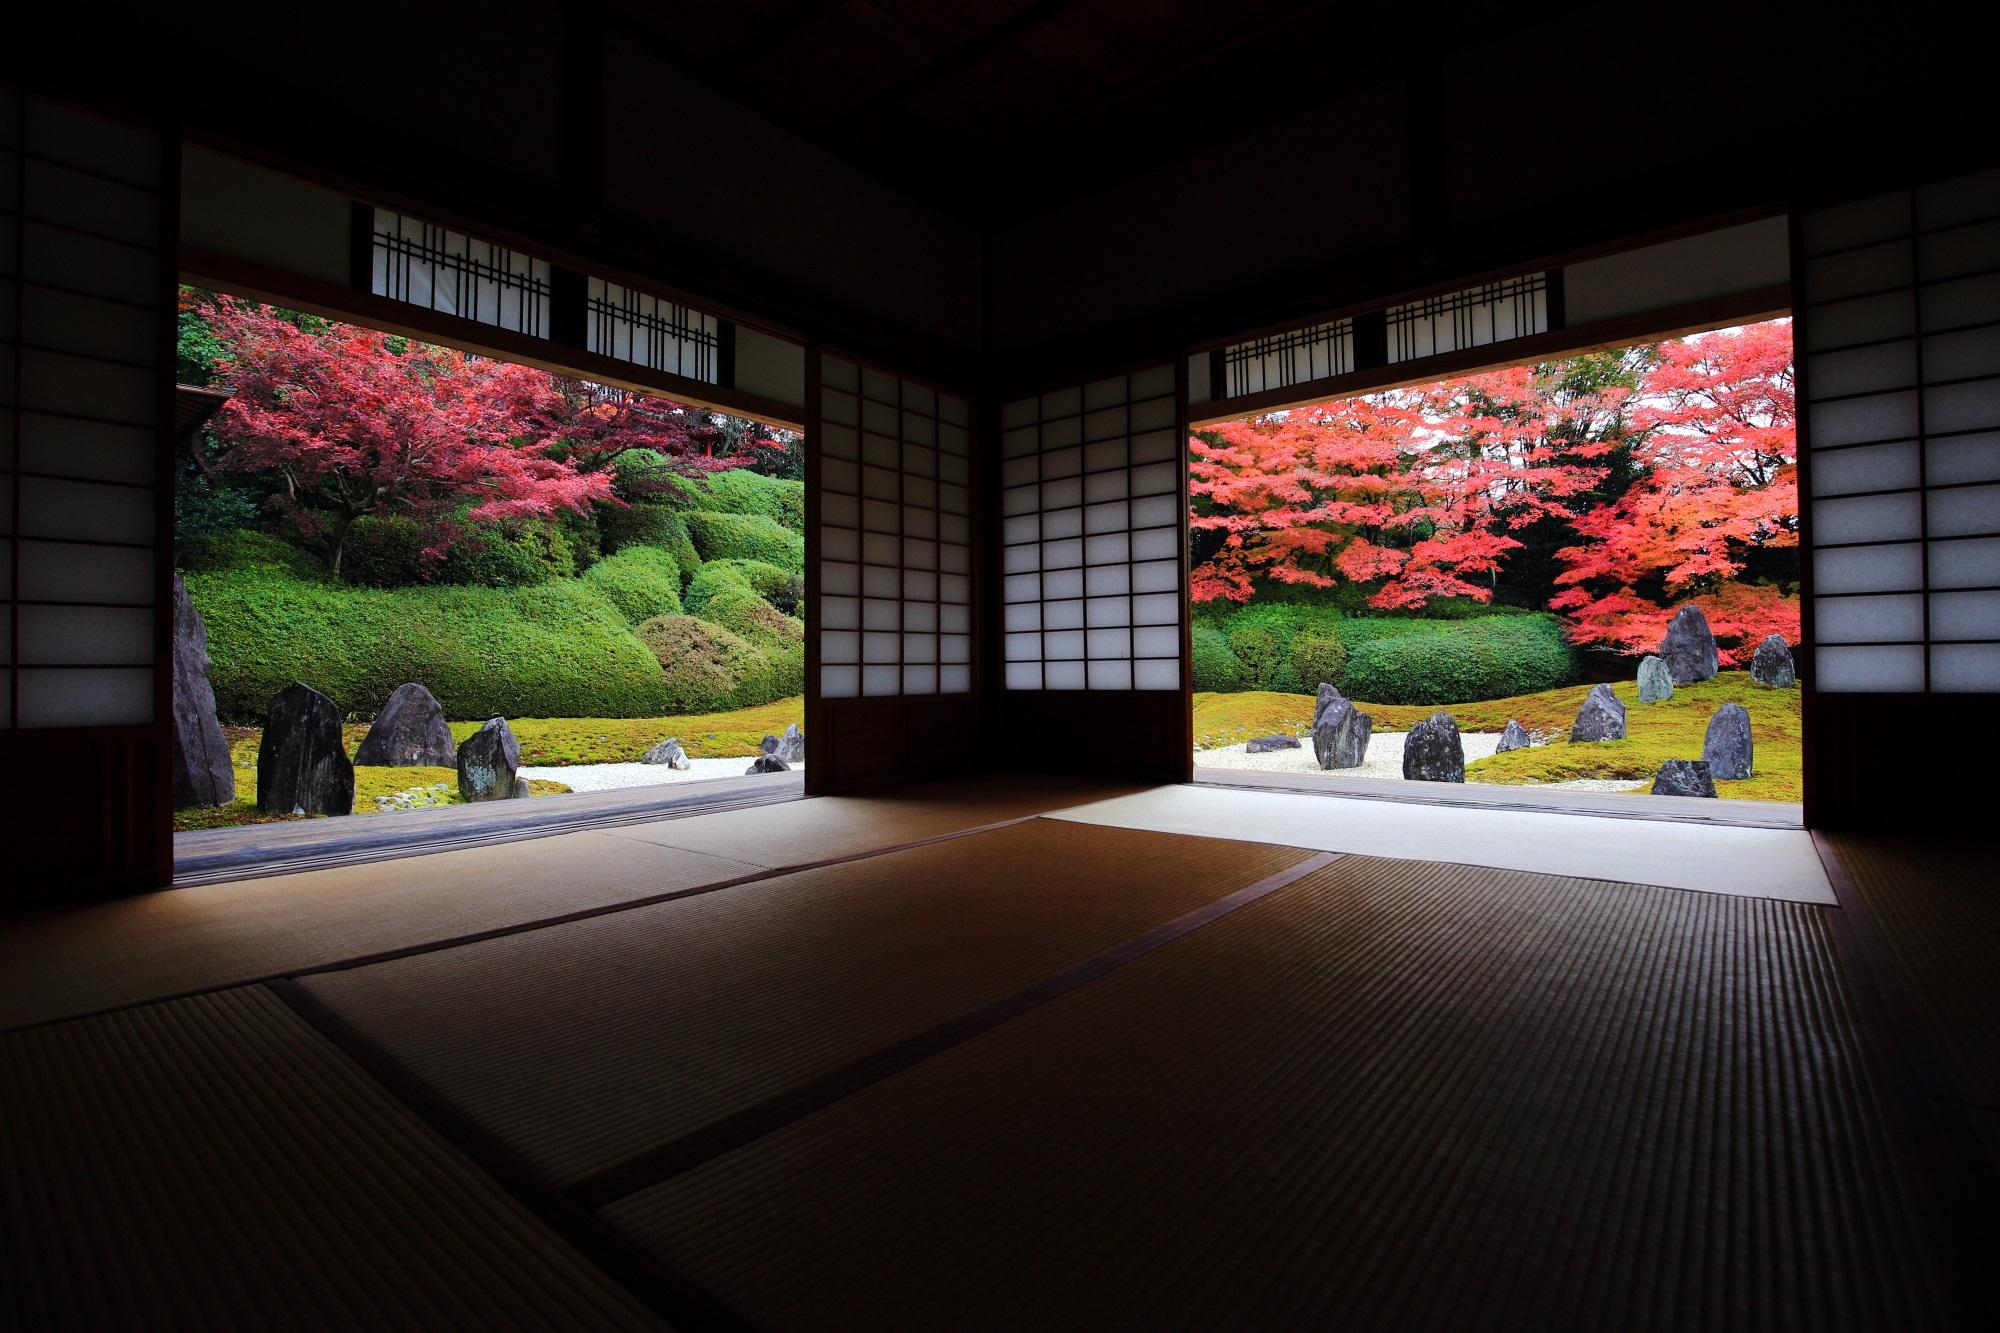 もみじの名所の光明院の茶室奥から眺める波心庭の紅葉